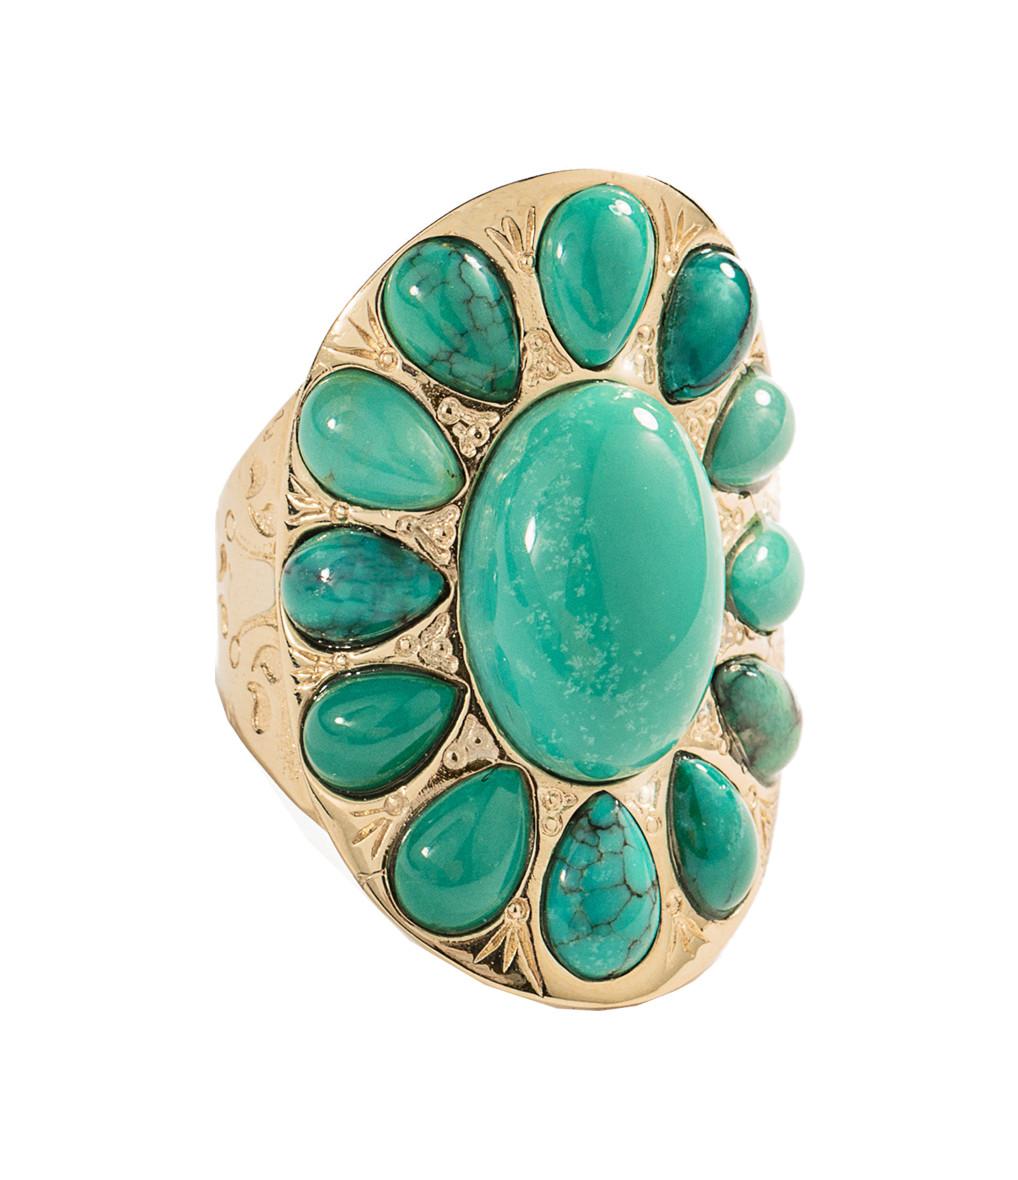 AURELIE BIDERMANN - Bague Navajo Turquoise Plaqué Or